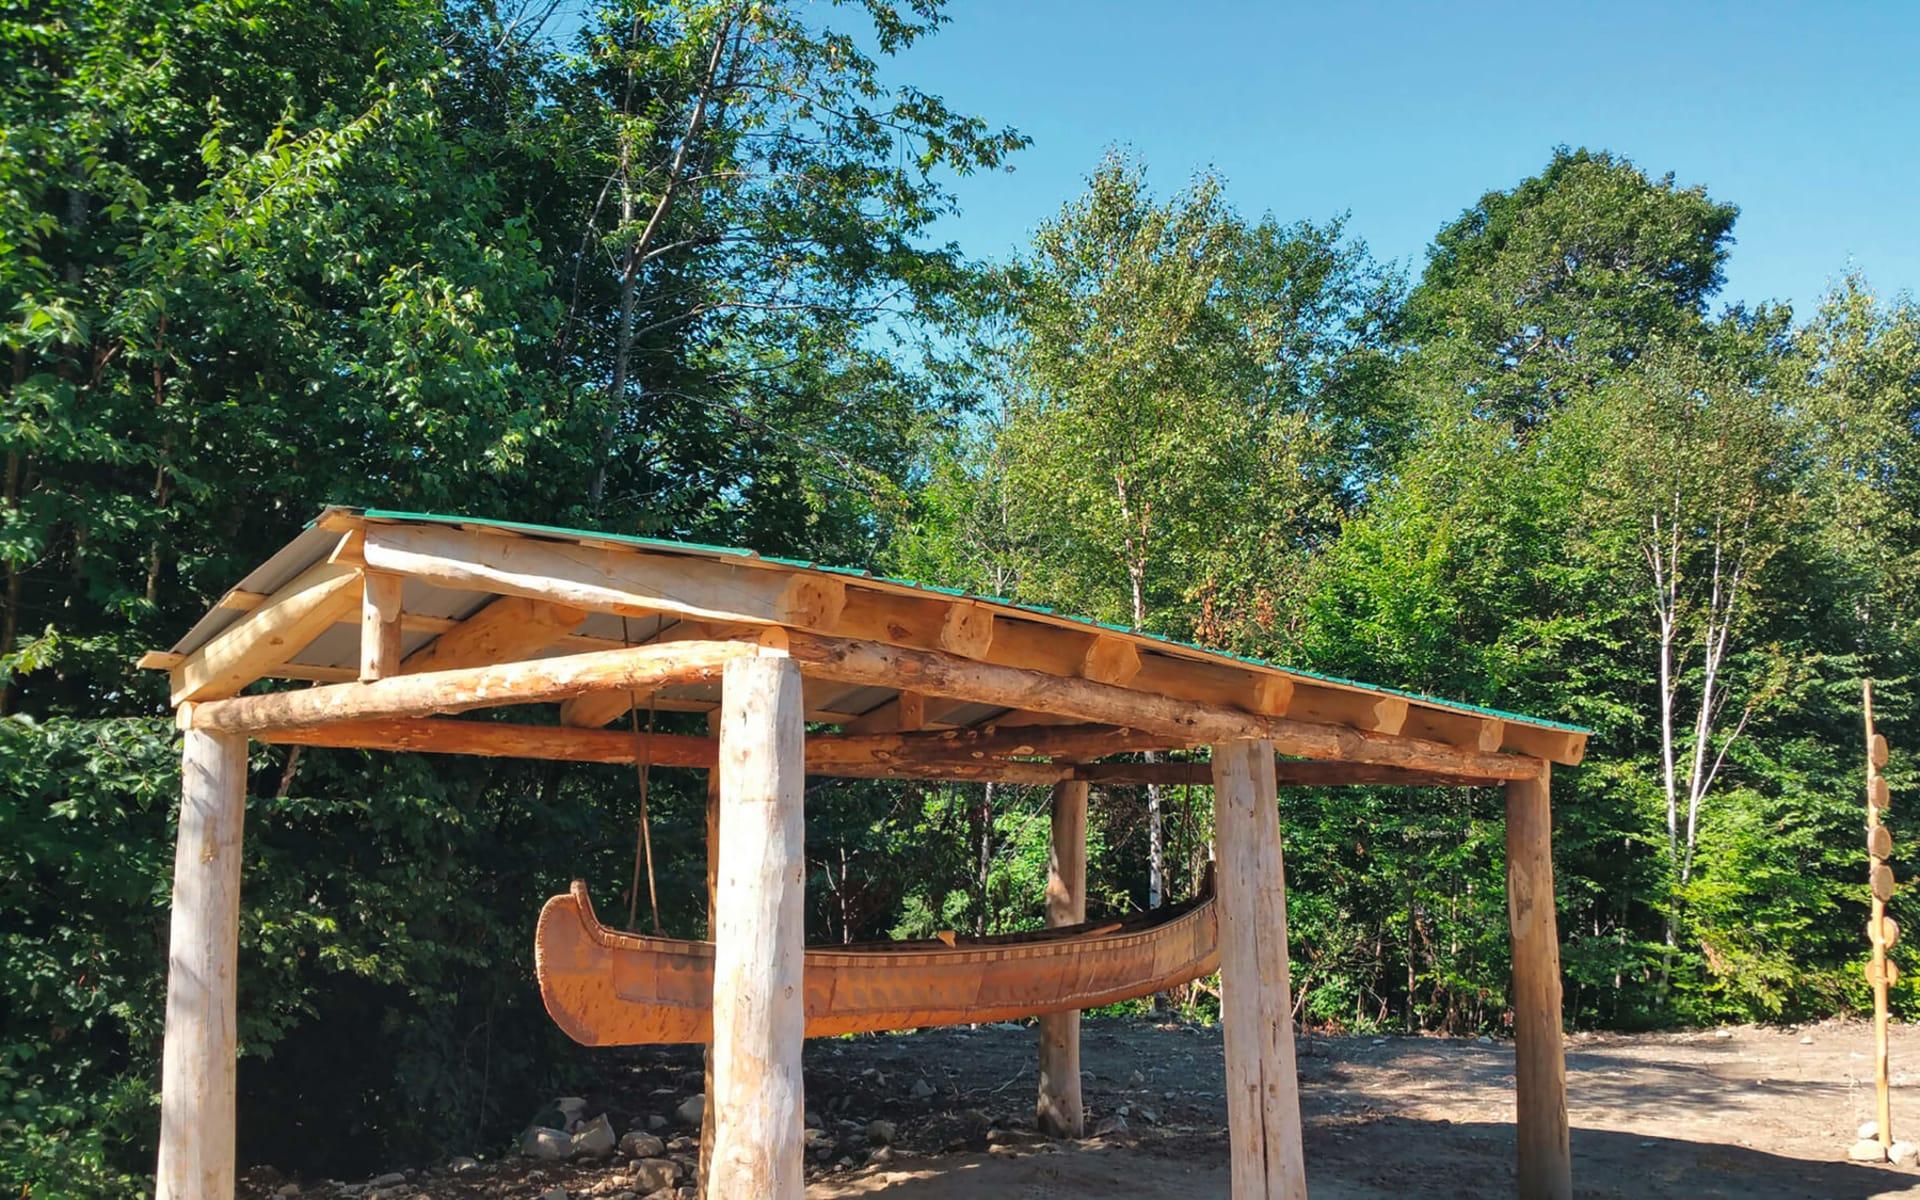 Amishk - Indianer Abenteuer Montcalm Regional Park ab St-Calixte: Kanada - Quebec - Amishk Indianer Abenteuer - Kanu